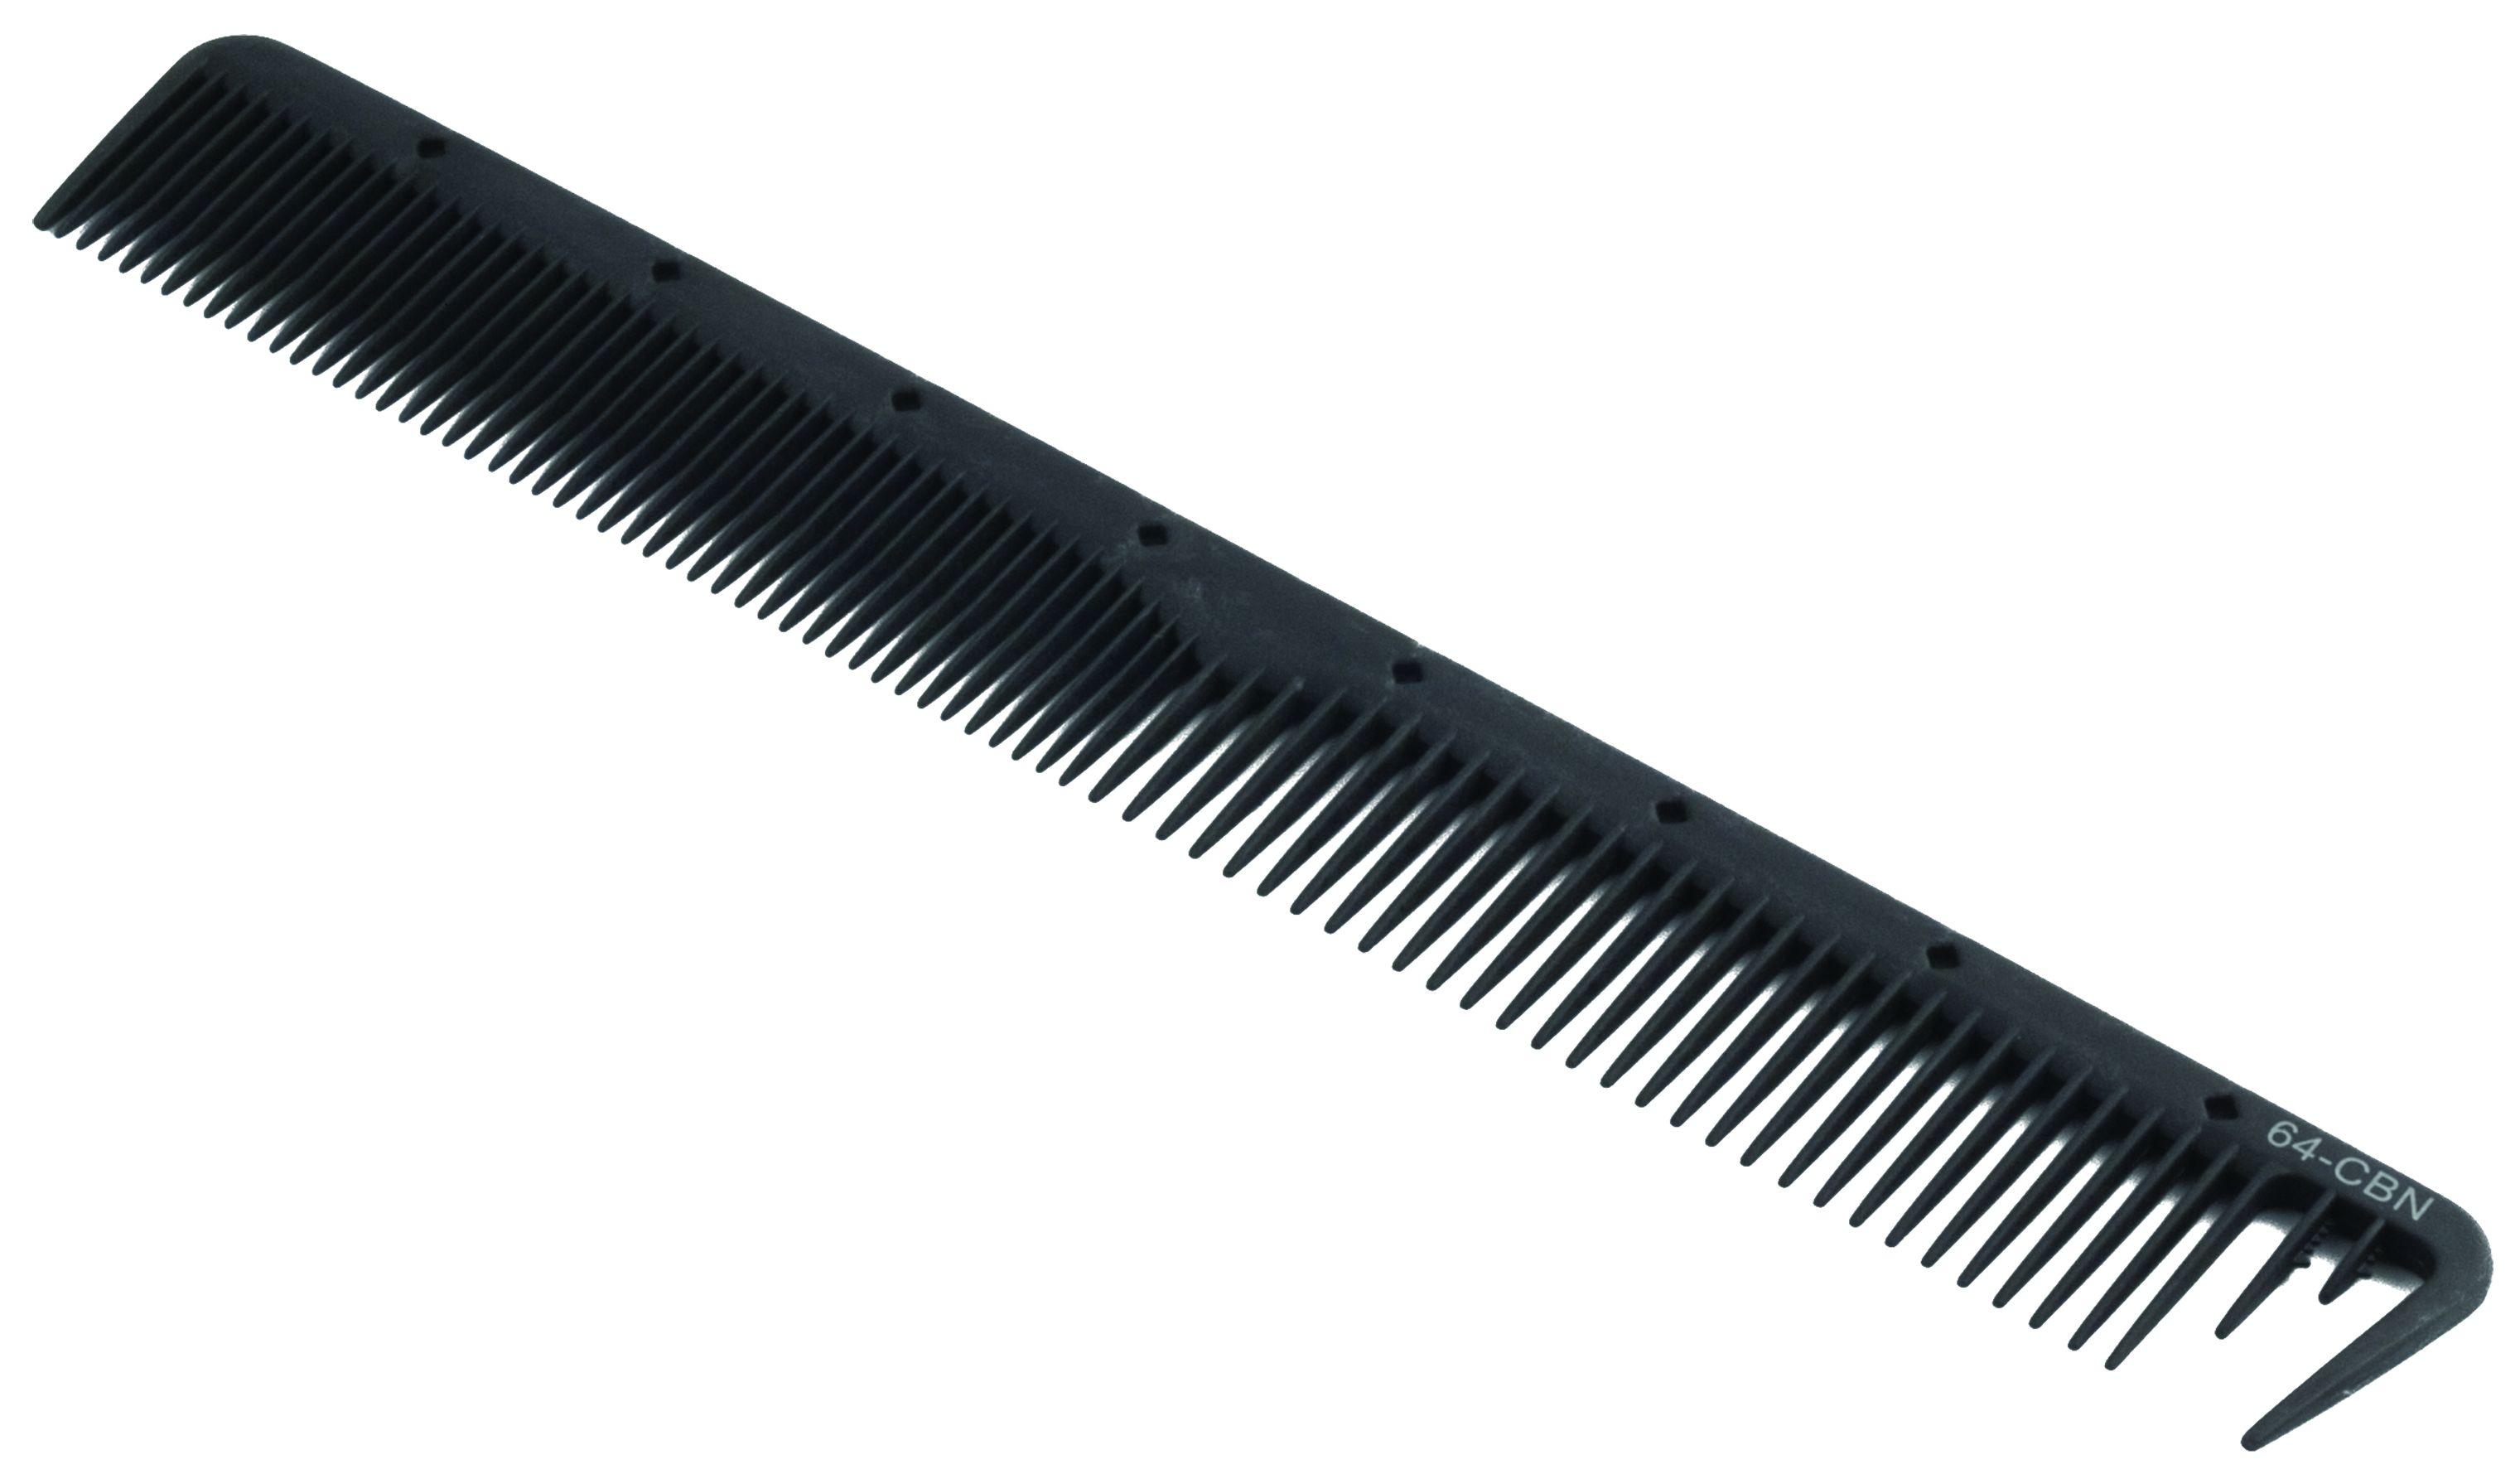 KANSAI Carbon Haarschneidekamm weit gezahnt mit Abteilung